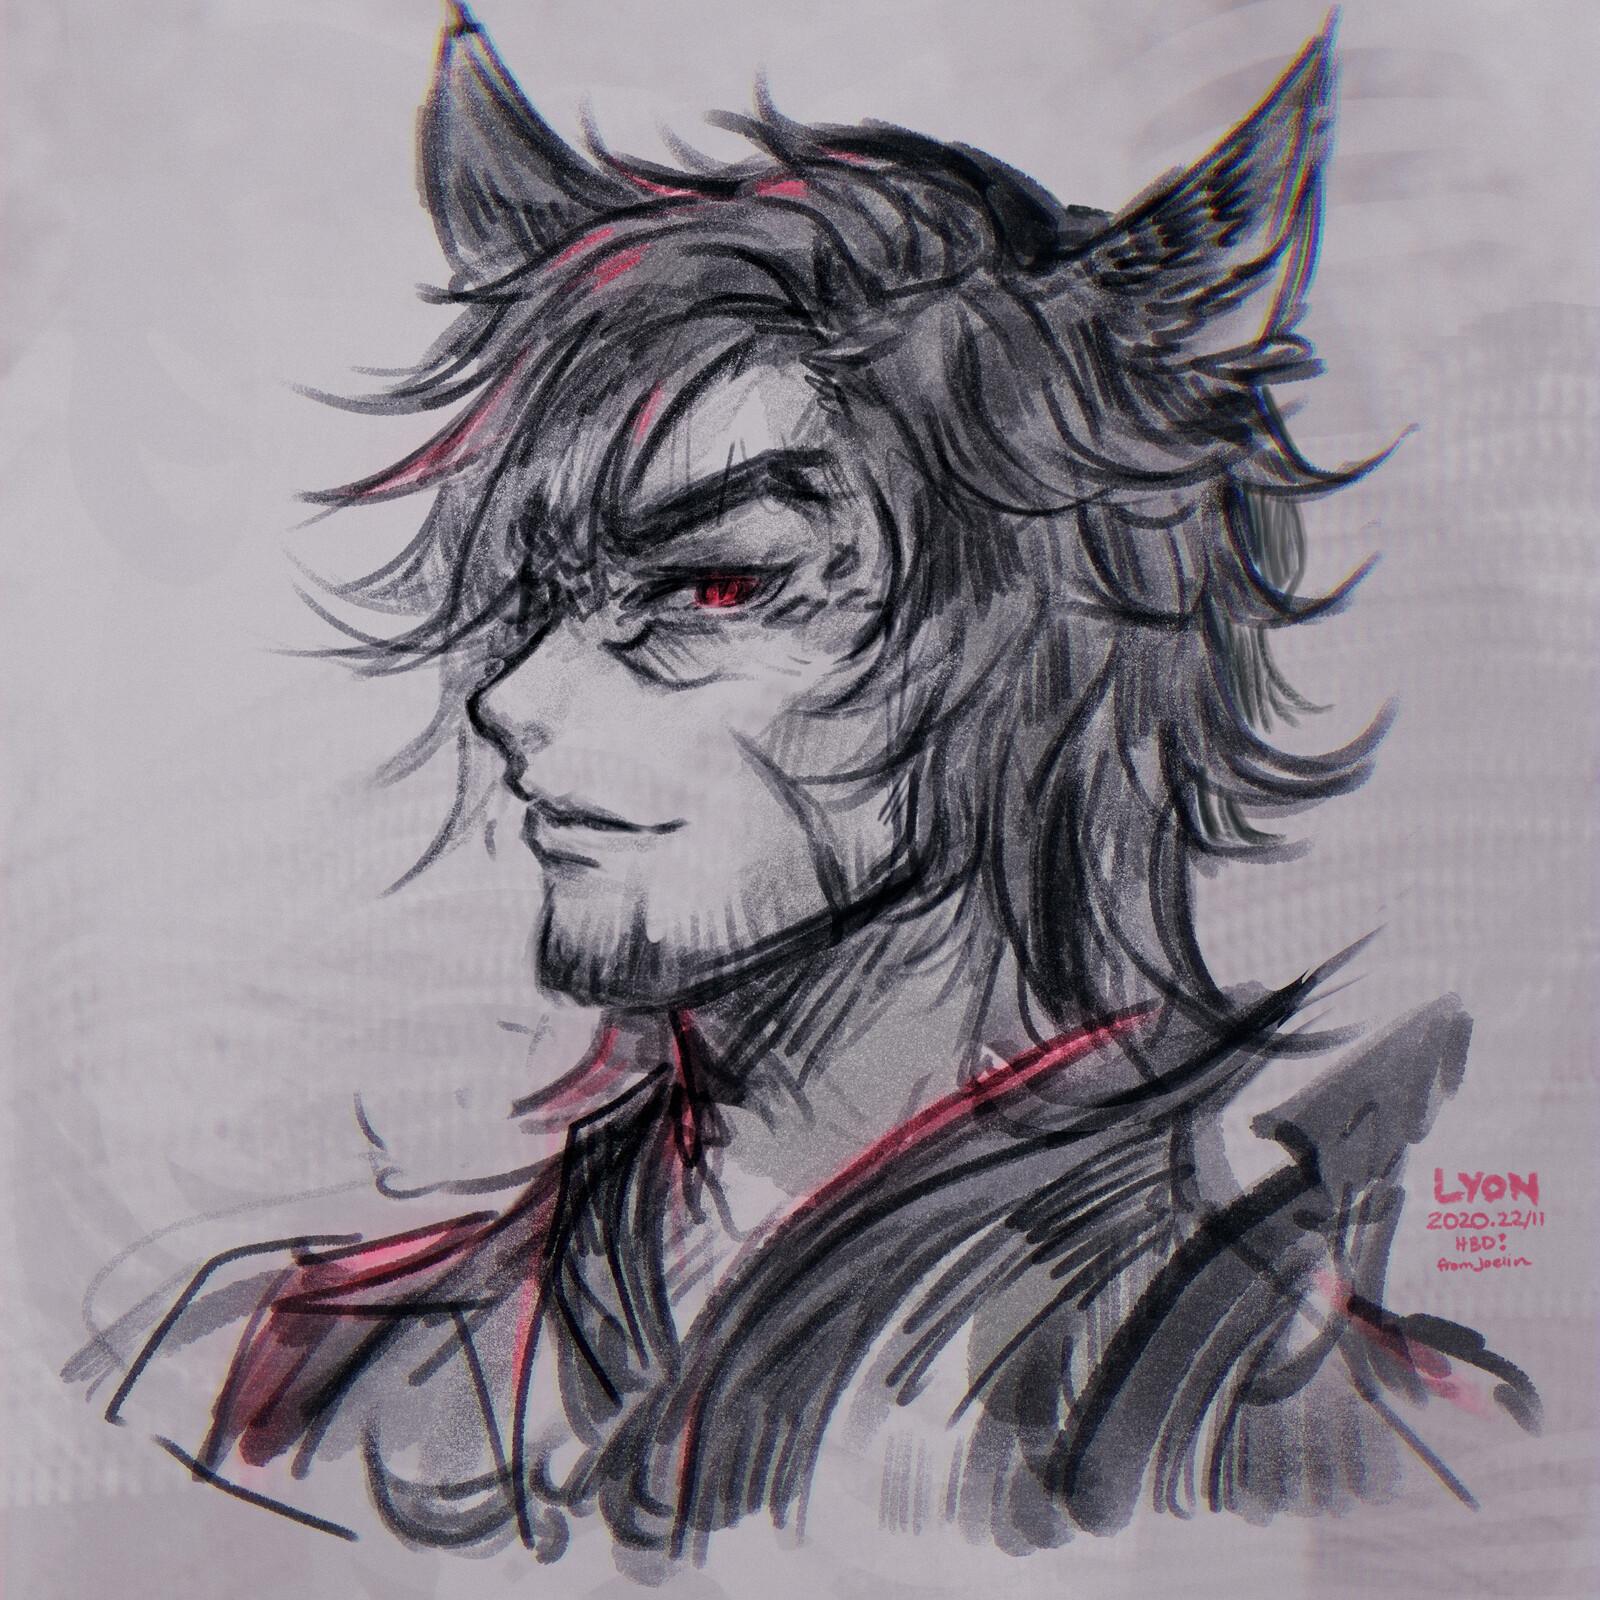 Lyon Sketch